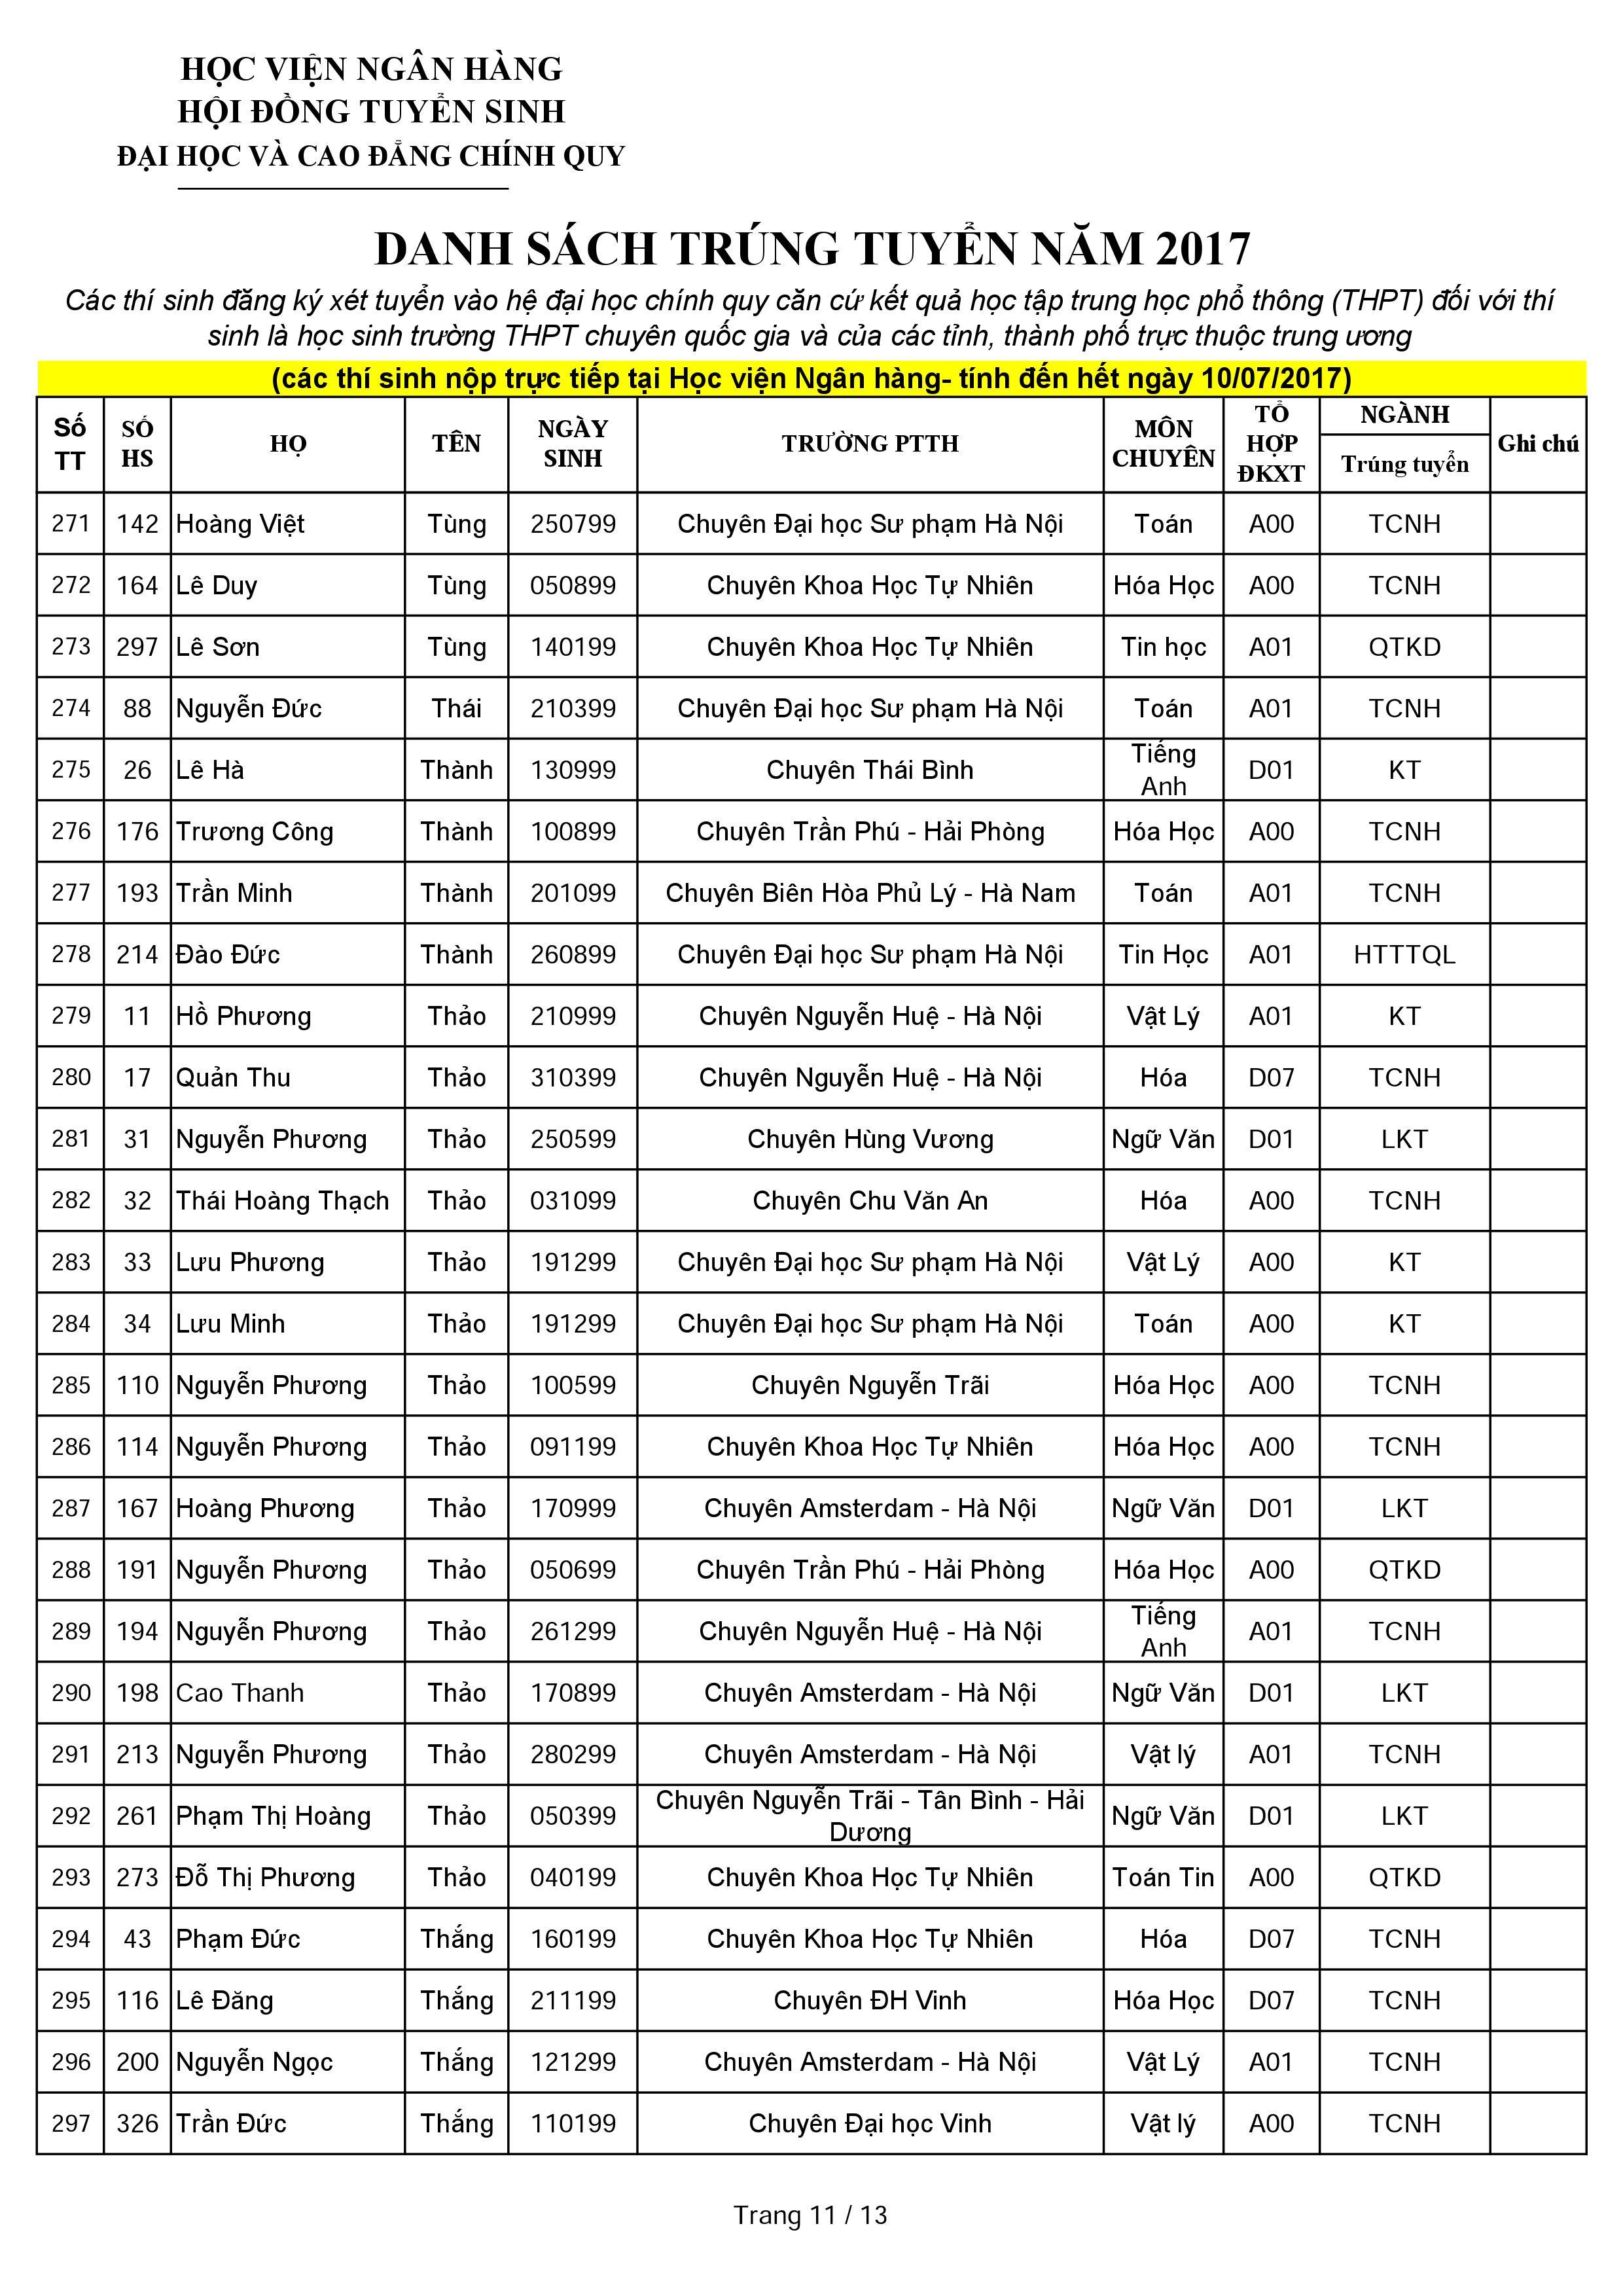 Danh sách thí sinh trúng tuyển dựa vào kết quả học tập THPT năm 2017 qua hình thức nộp trực tiếp